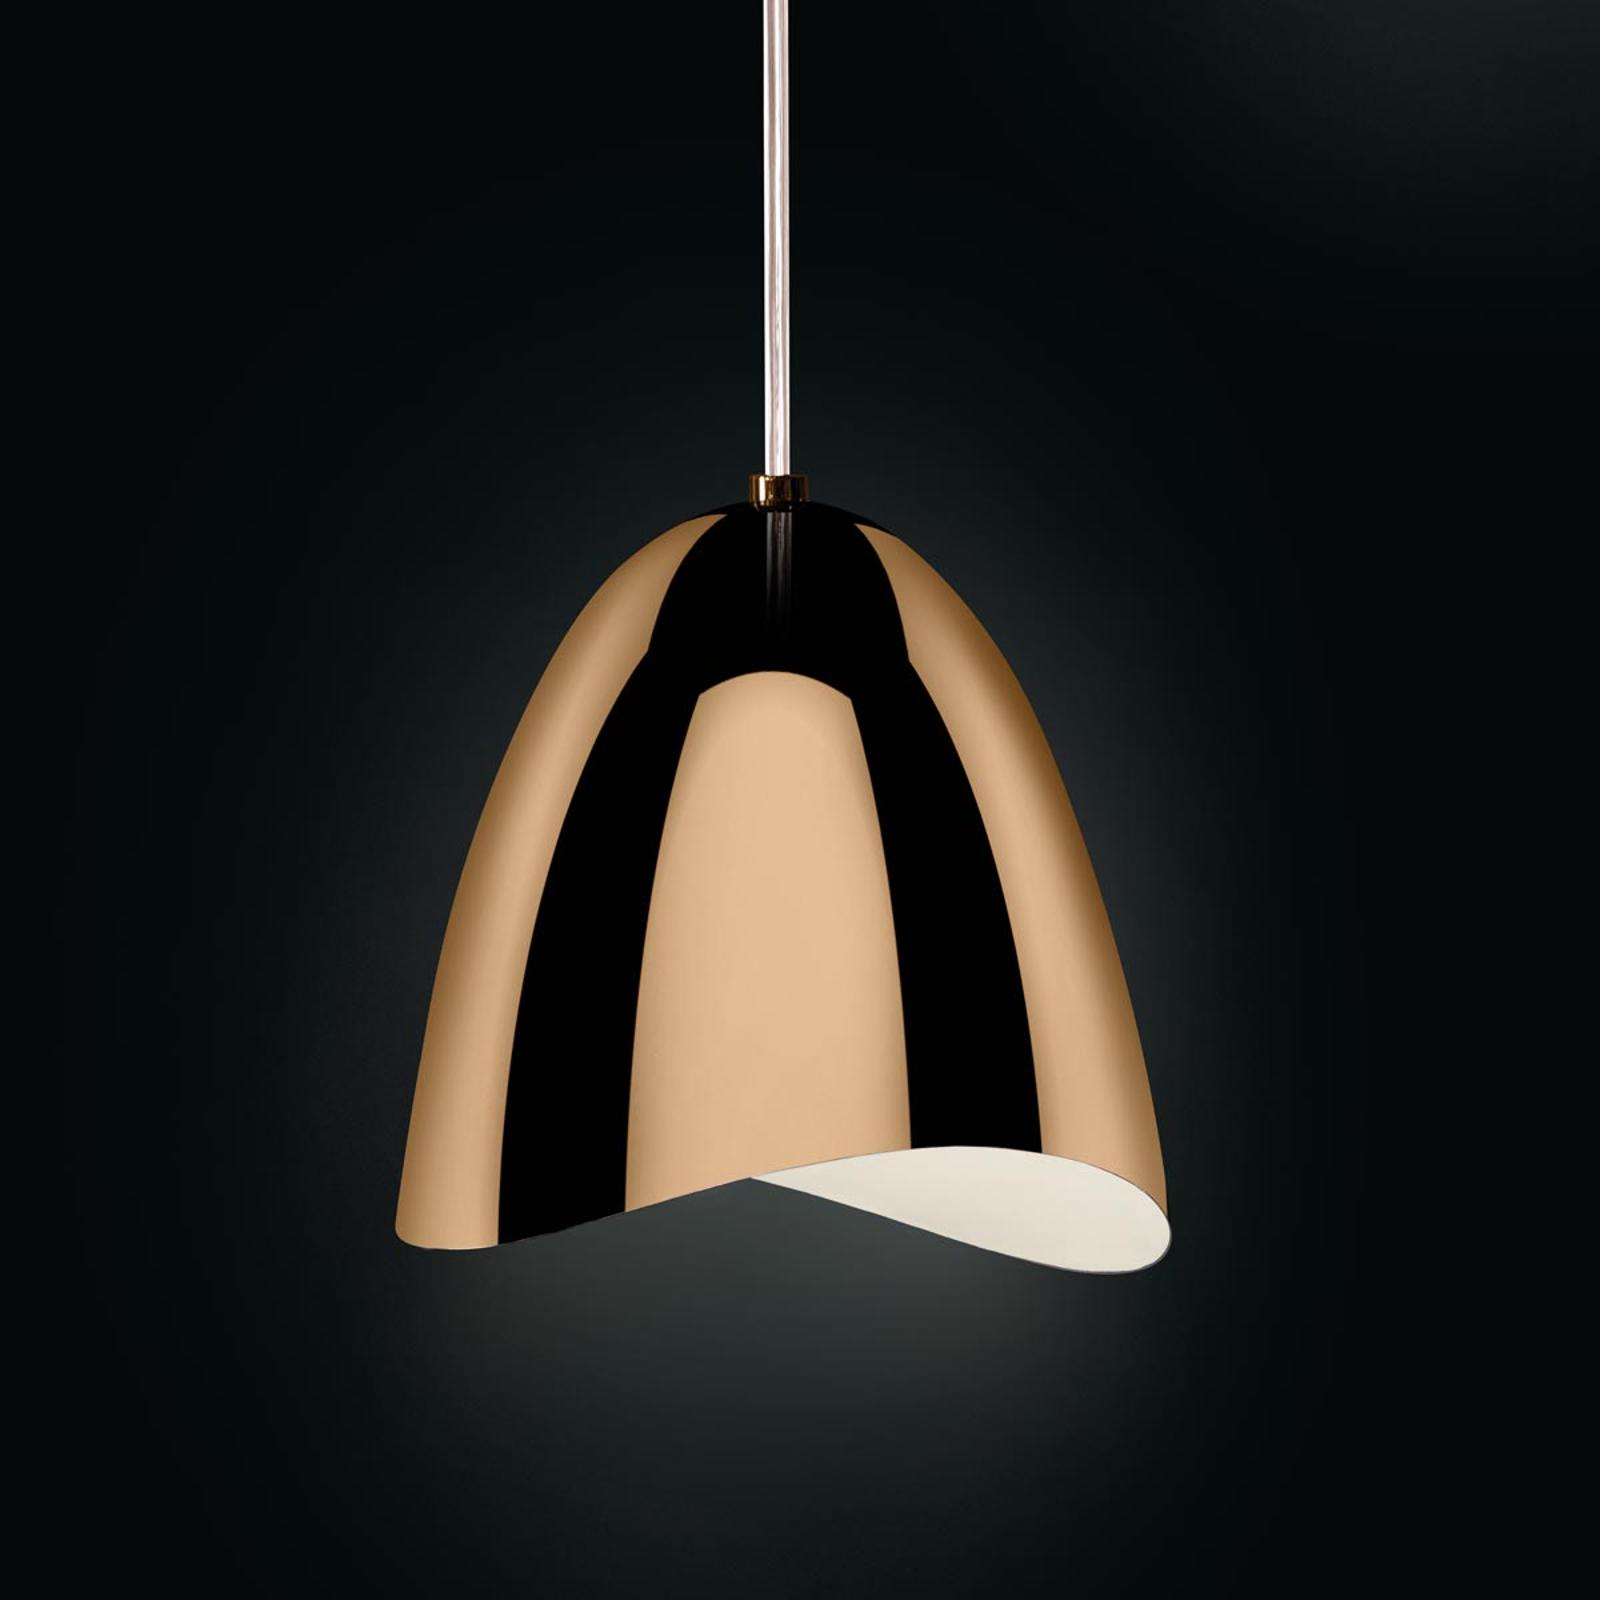 Messingfarbene LED hanglamp Mirage